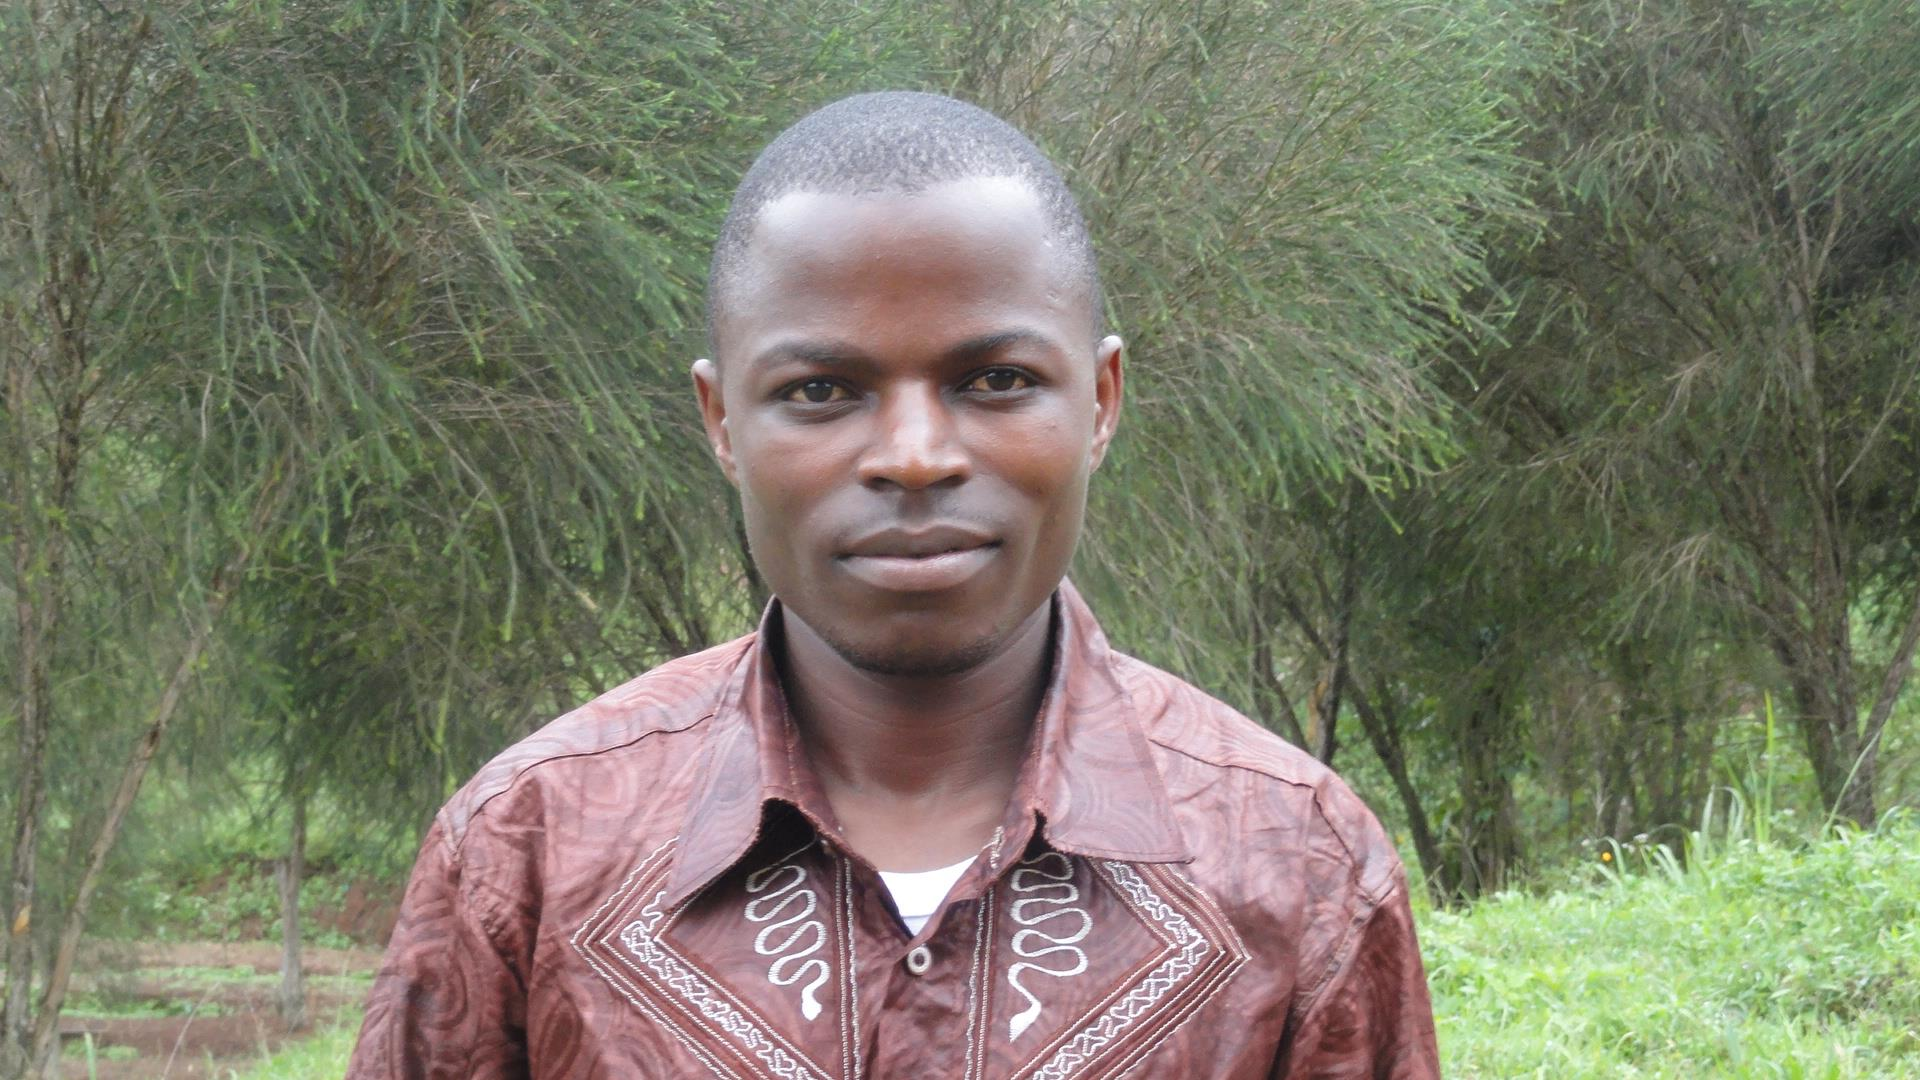 Butembo/COVID-19 : Les opérateurs économiques en difficultés de rembourser les  banques devraient  s'adresser individuellement à leur créancier (Jean-Claude Kataliko)